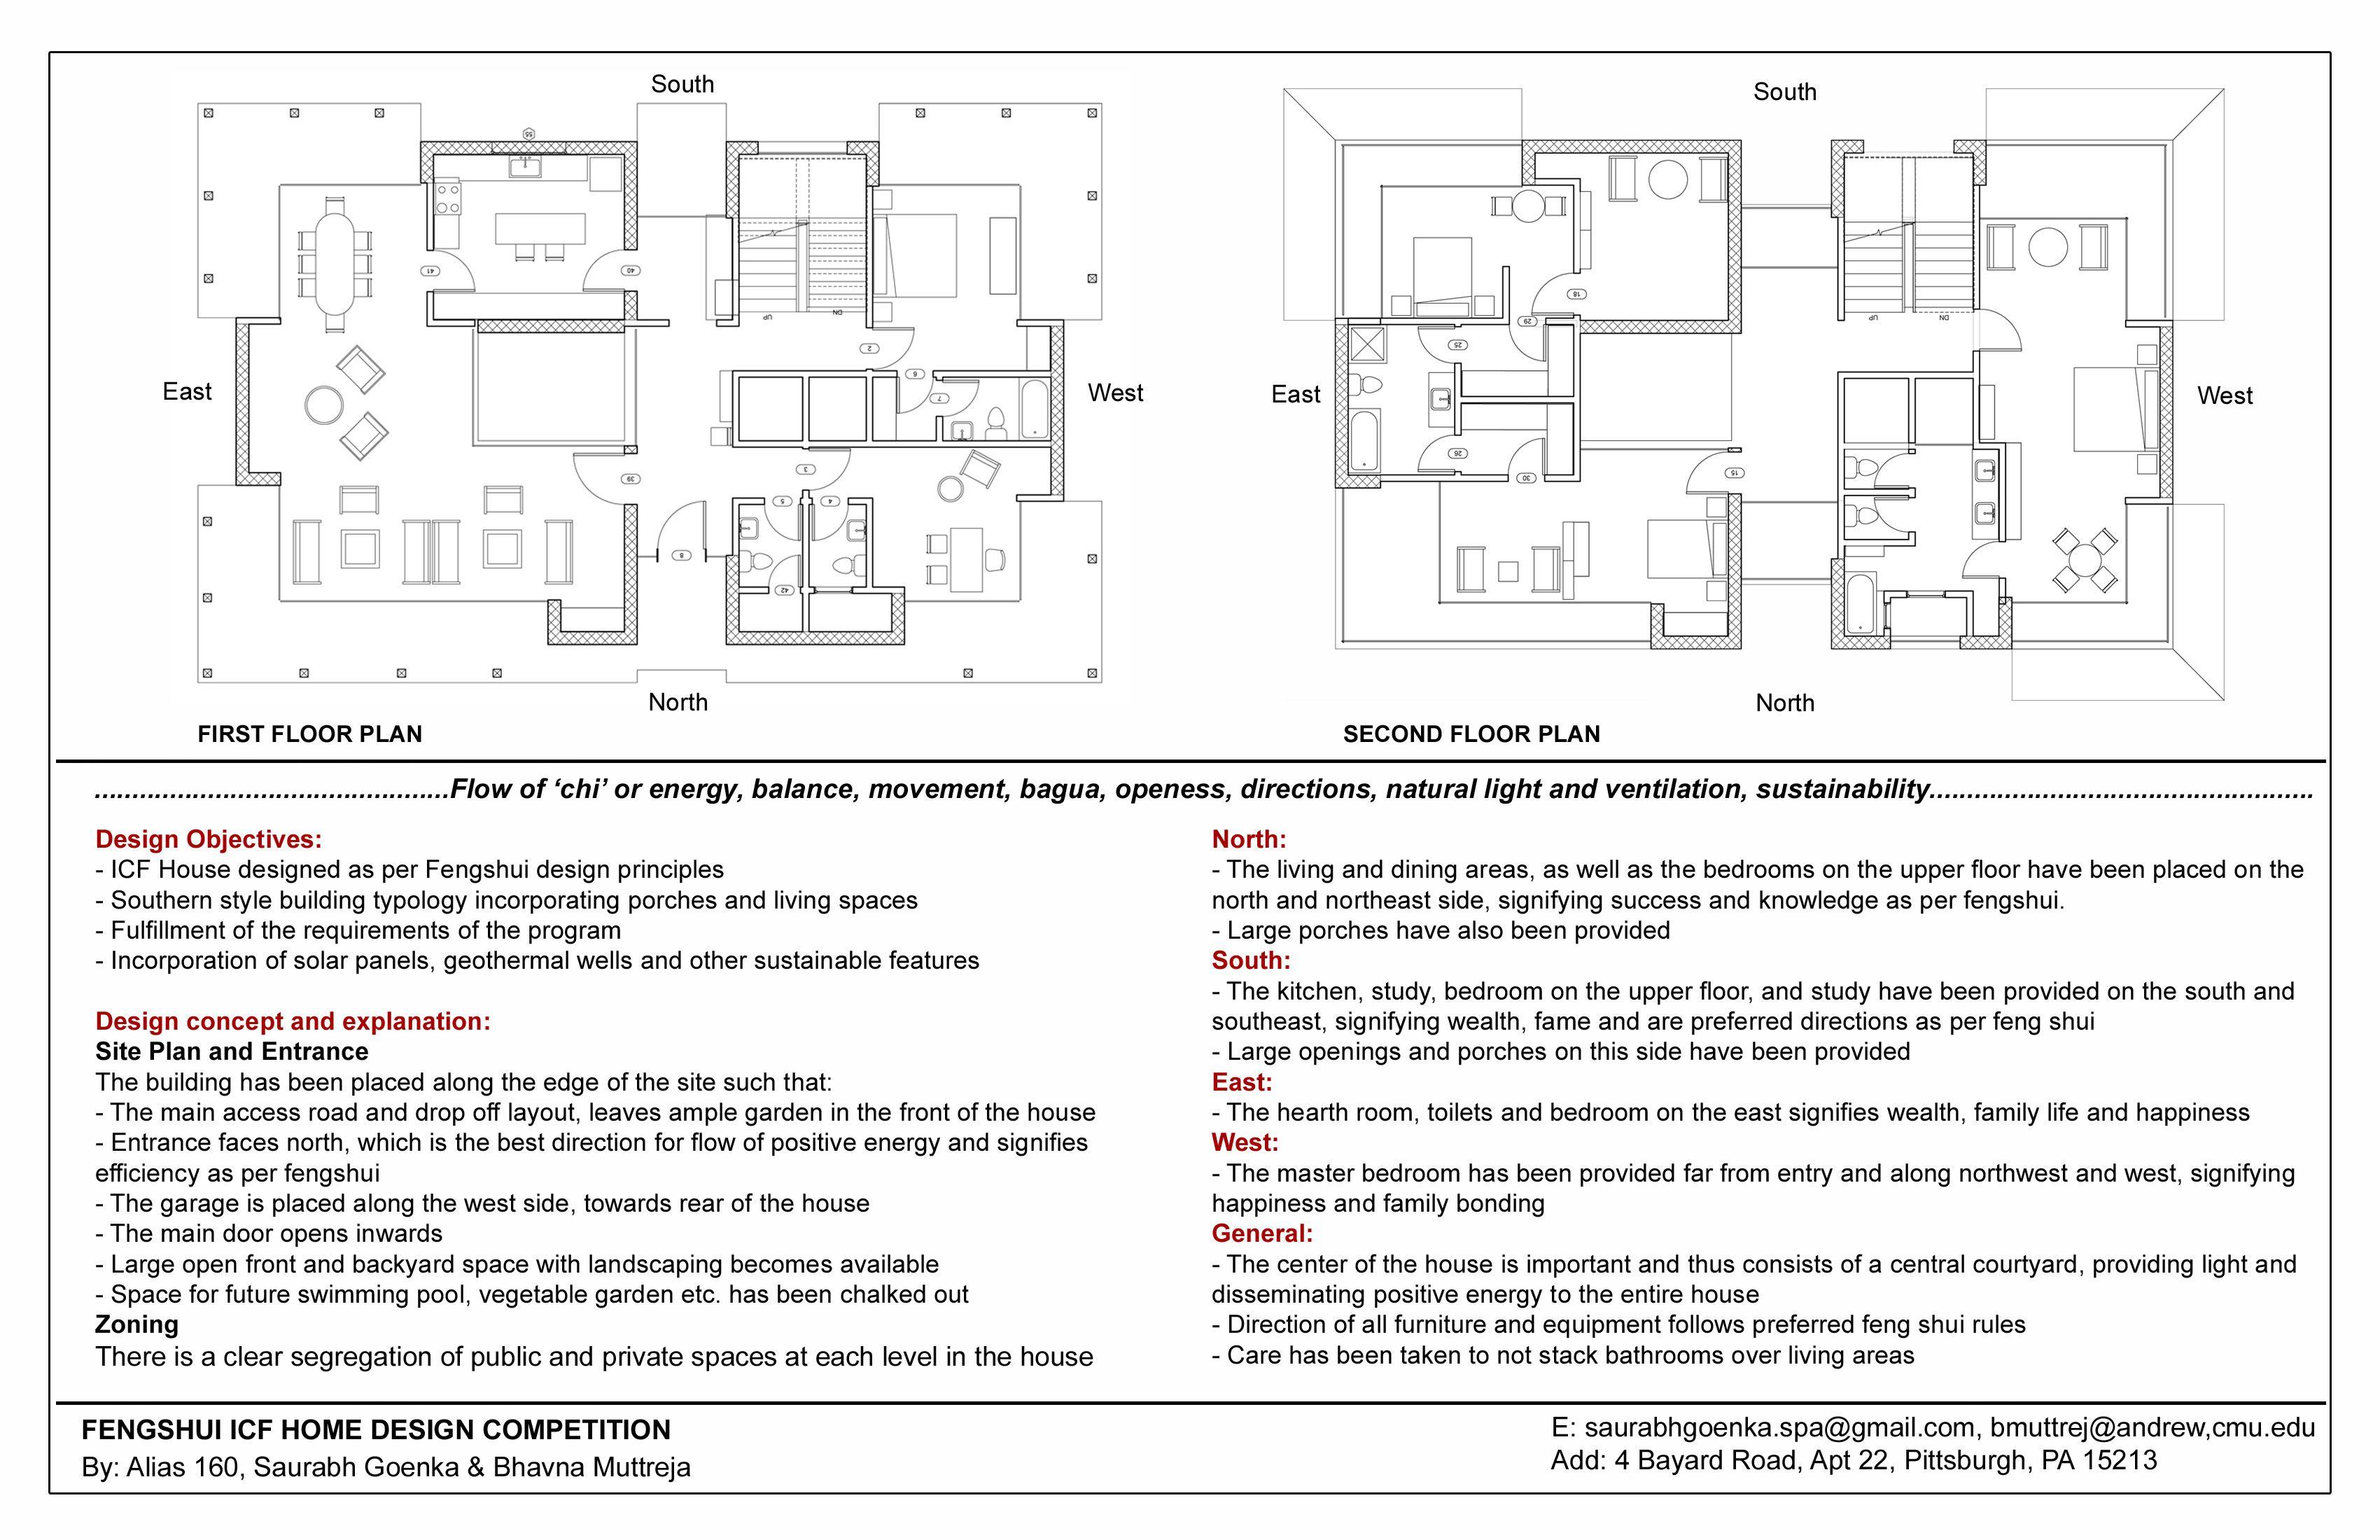 Uncategorized Amusing Chinese House Design Feng Shui Feng Shui House Design Plans Feng Shui House Design Pla Floor Plans Floor Plan Design Feng Shui Floor Plan